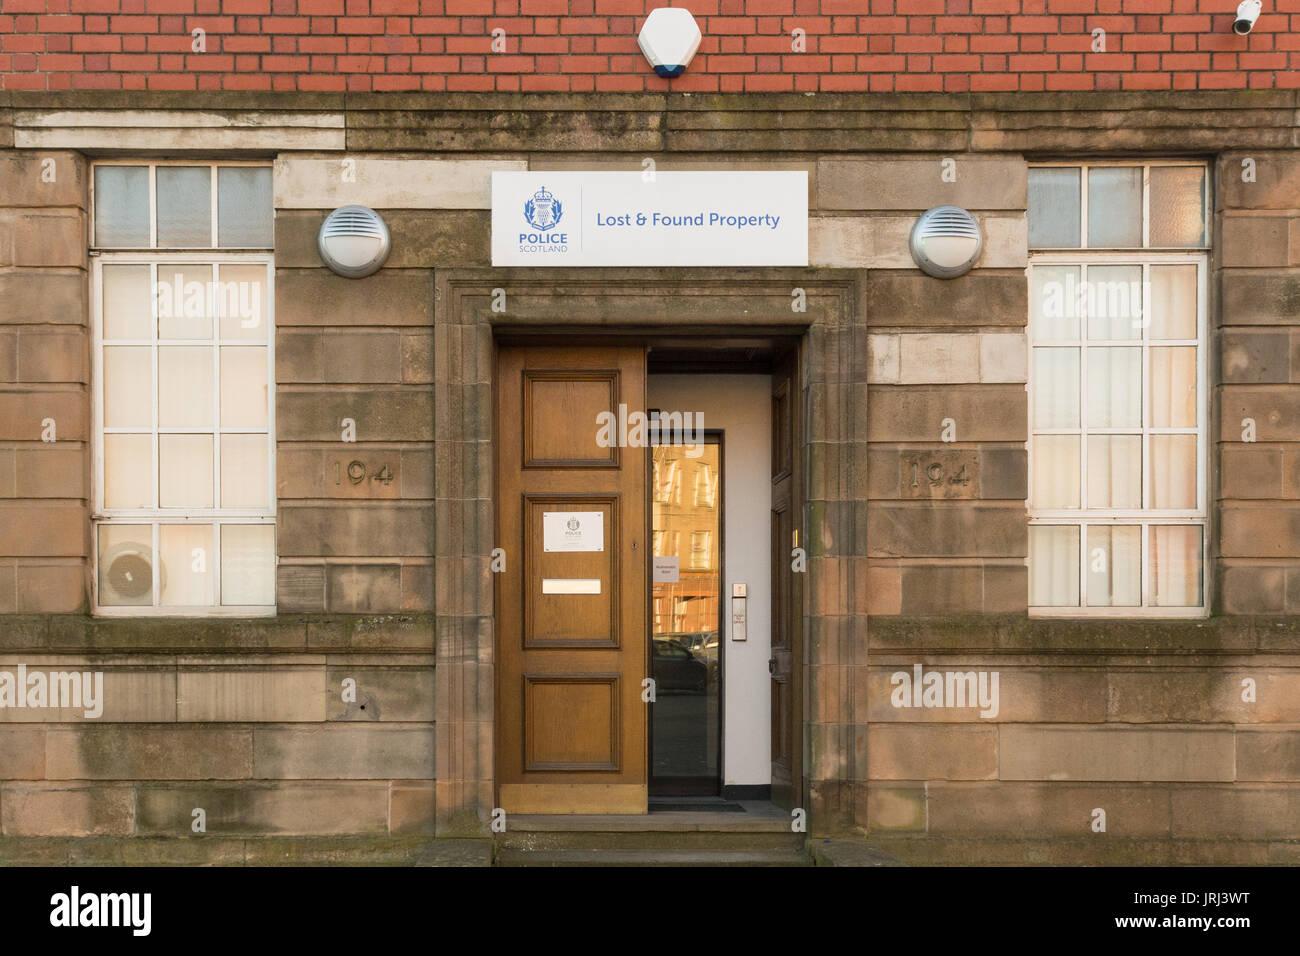 Polizei Glasgow Schottland verloren und Fundbüro, Glasgow, Schottland, Großbritannien Stockbild